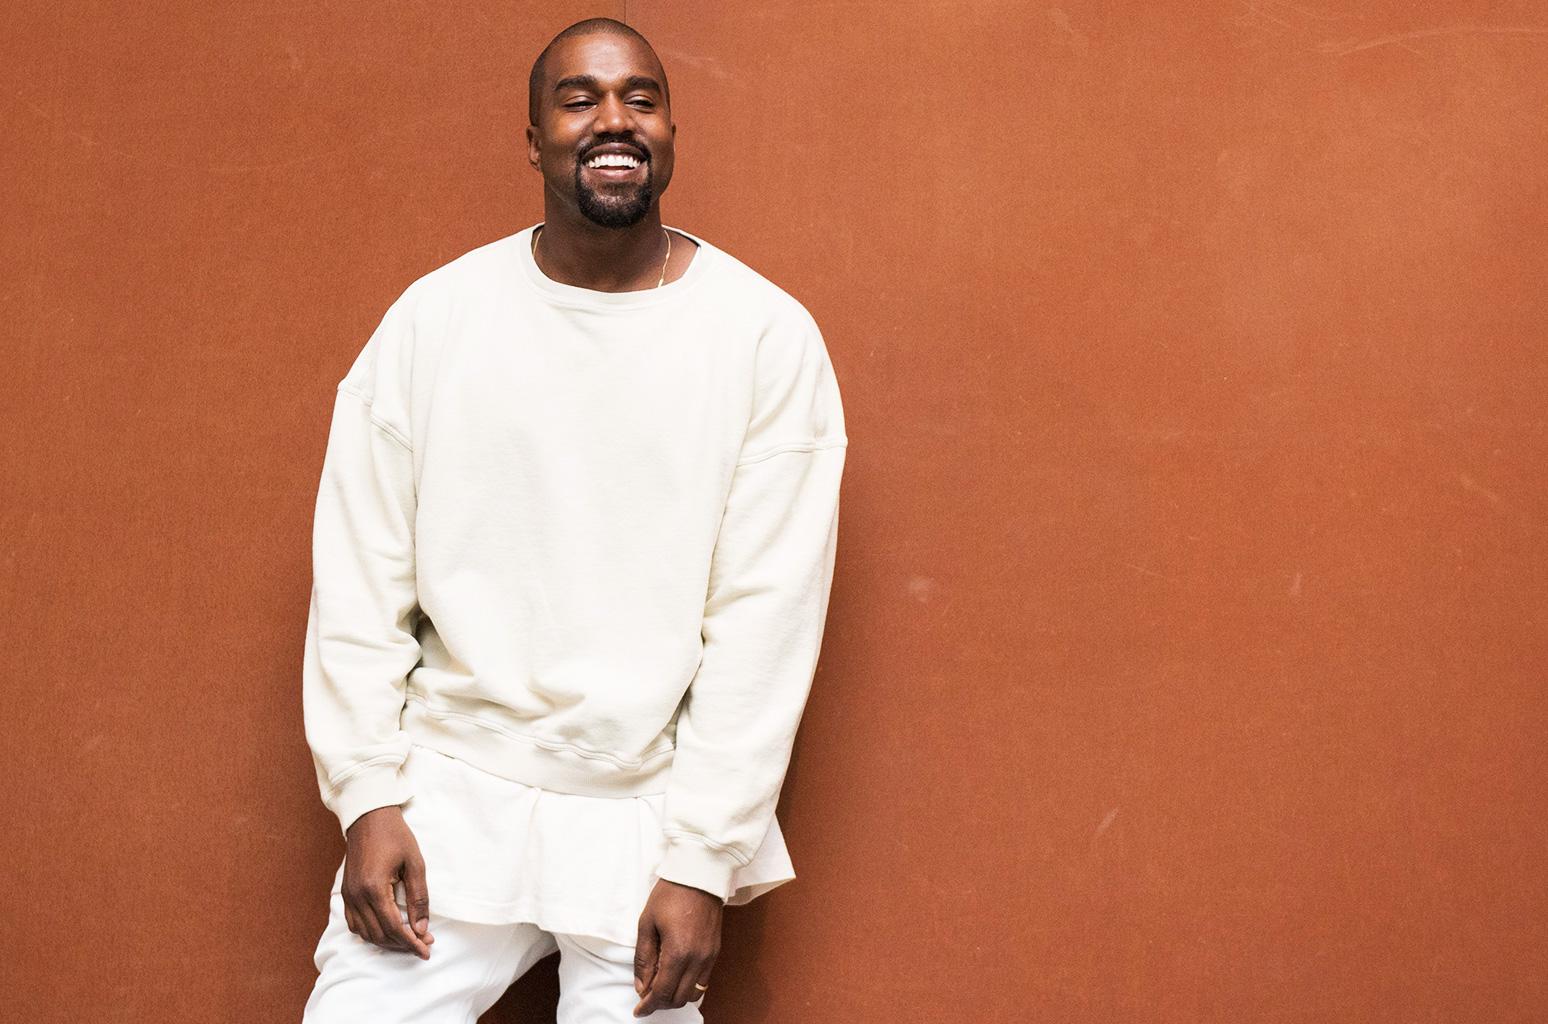 Kanye West voltou ao Instagram 9 meses depois. E é só amor